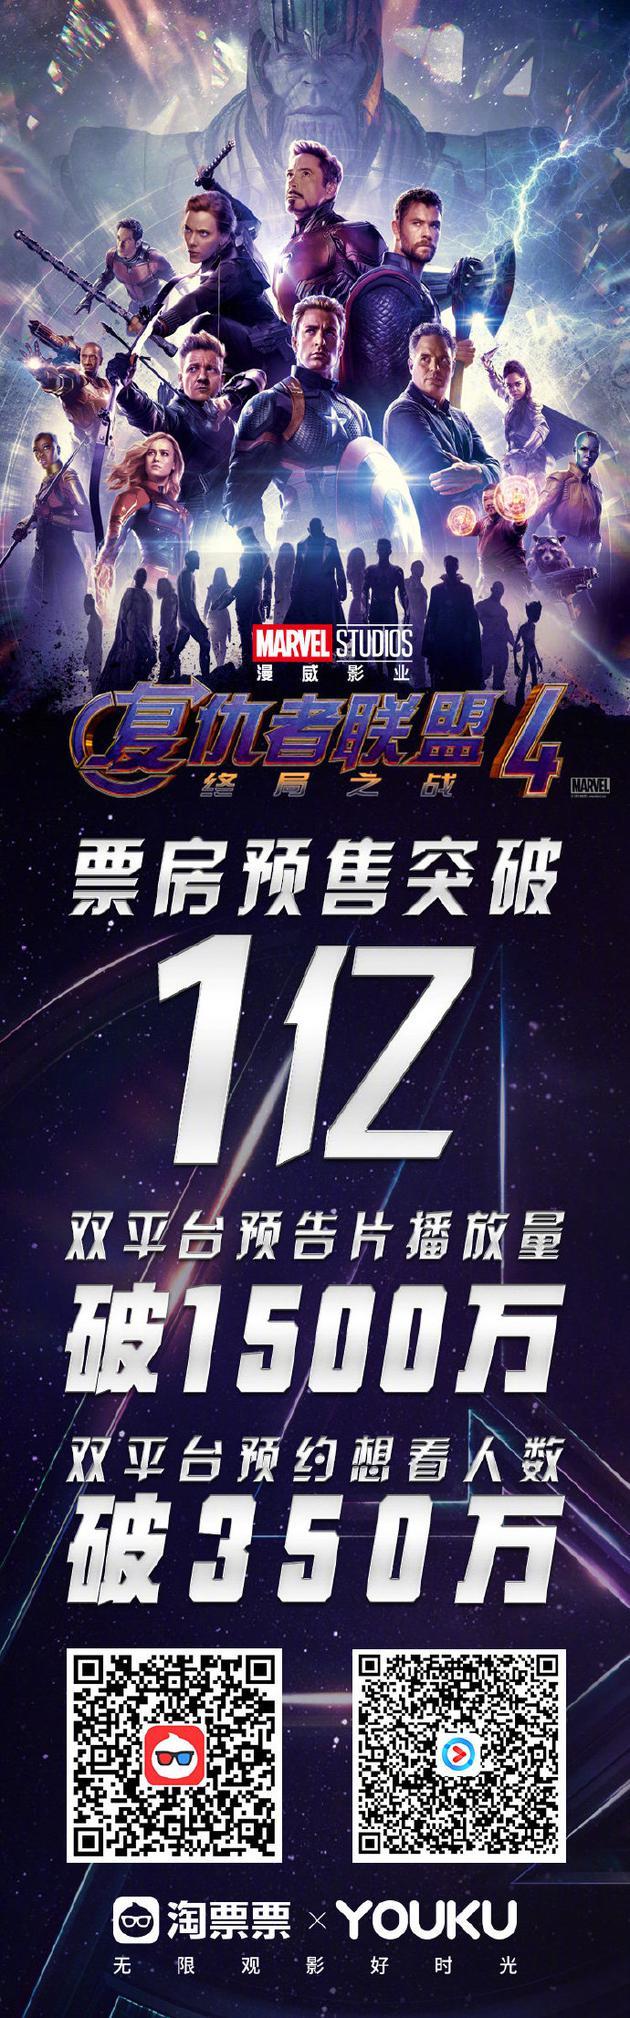 《復聯4》內地預售票房破1億